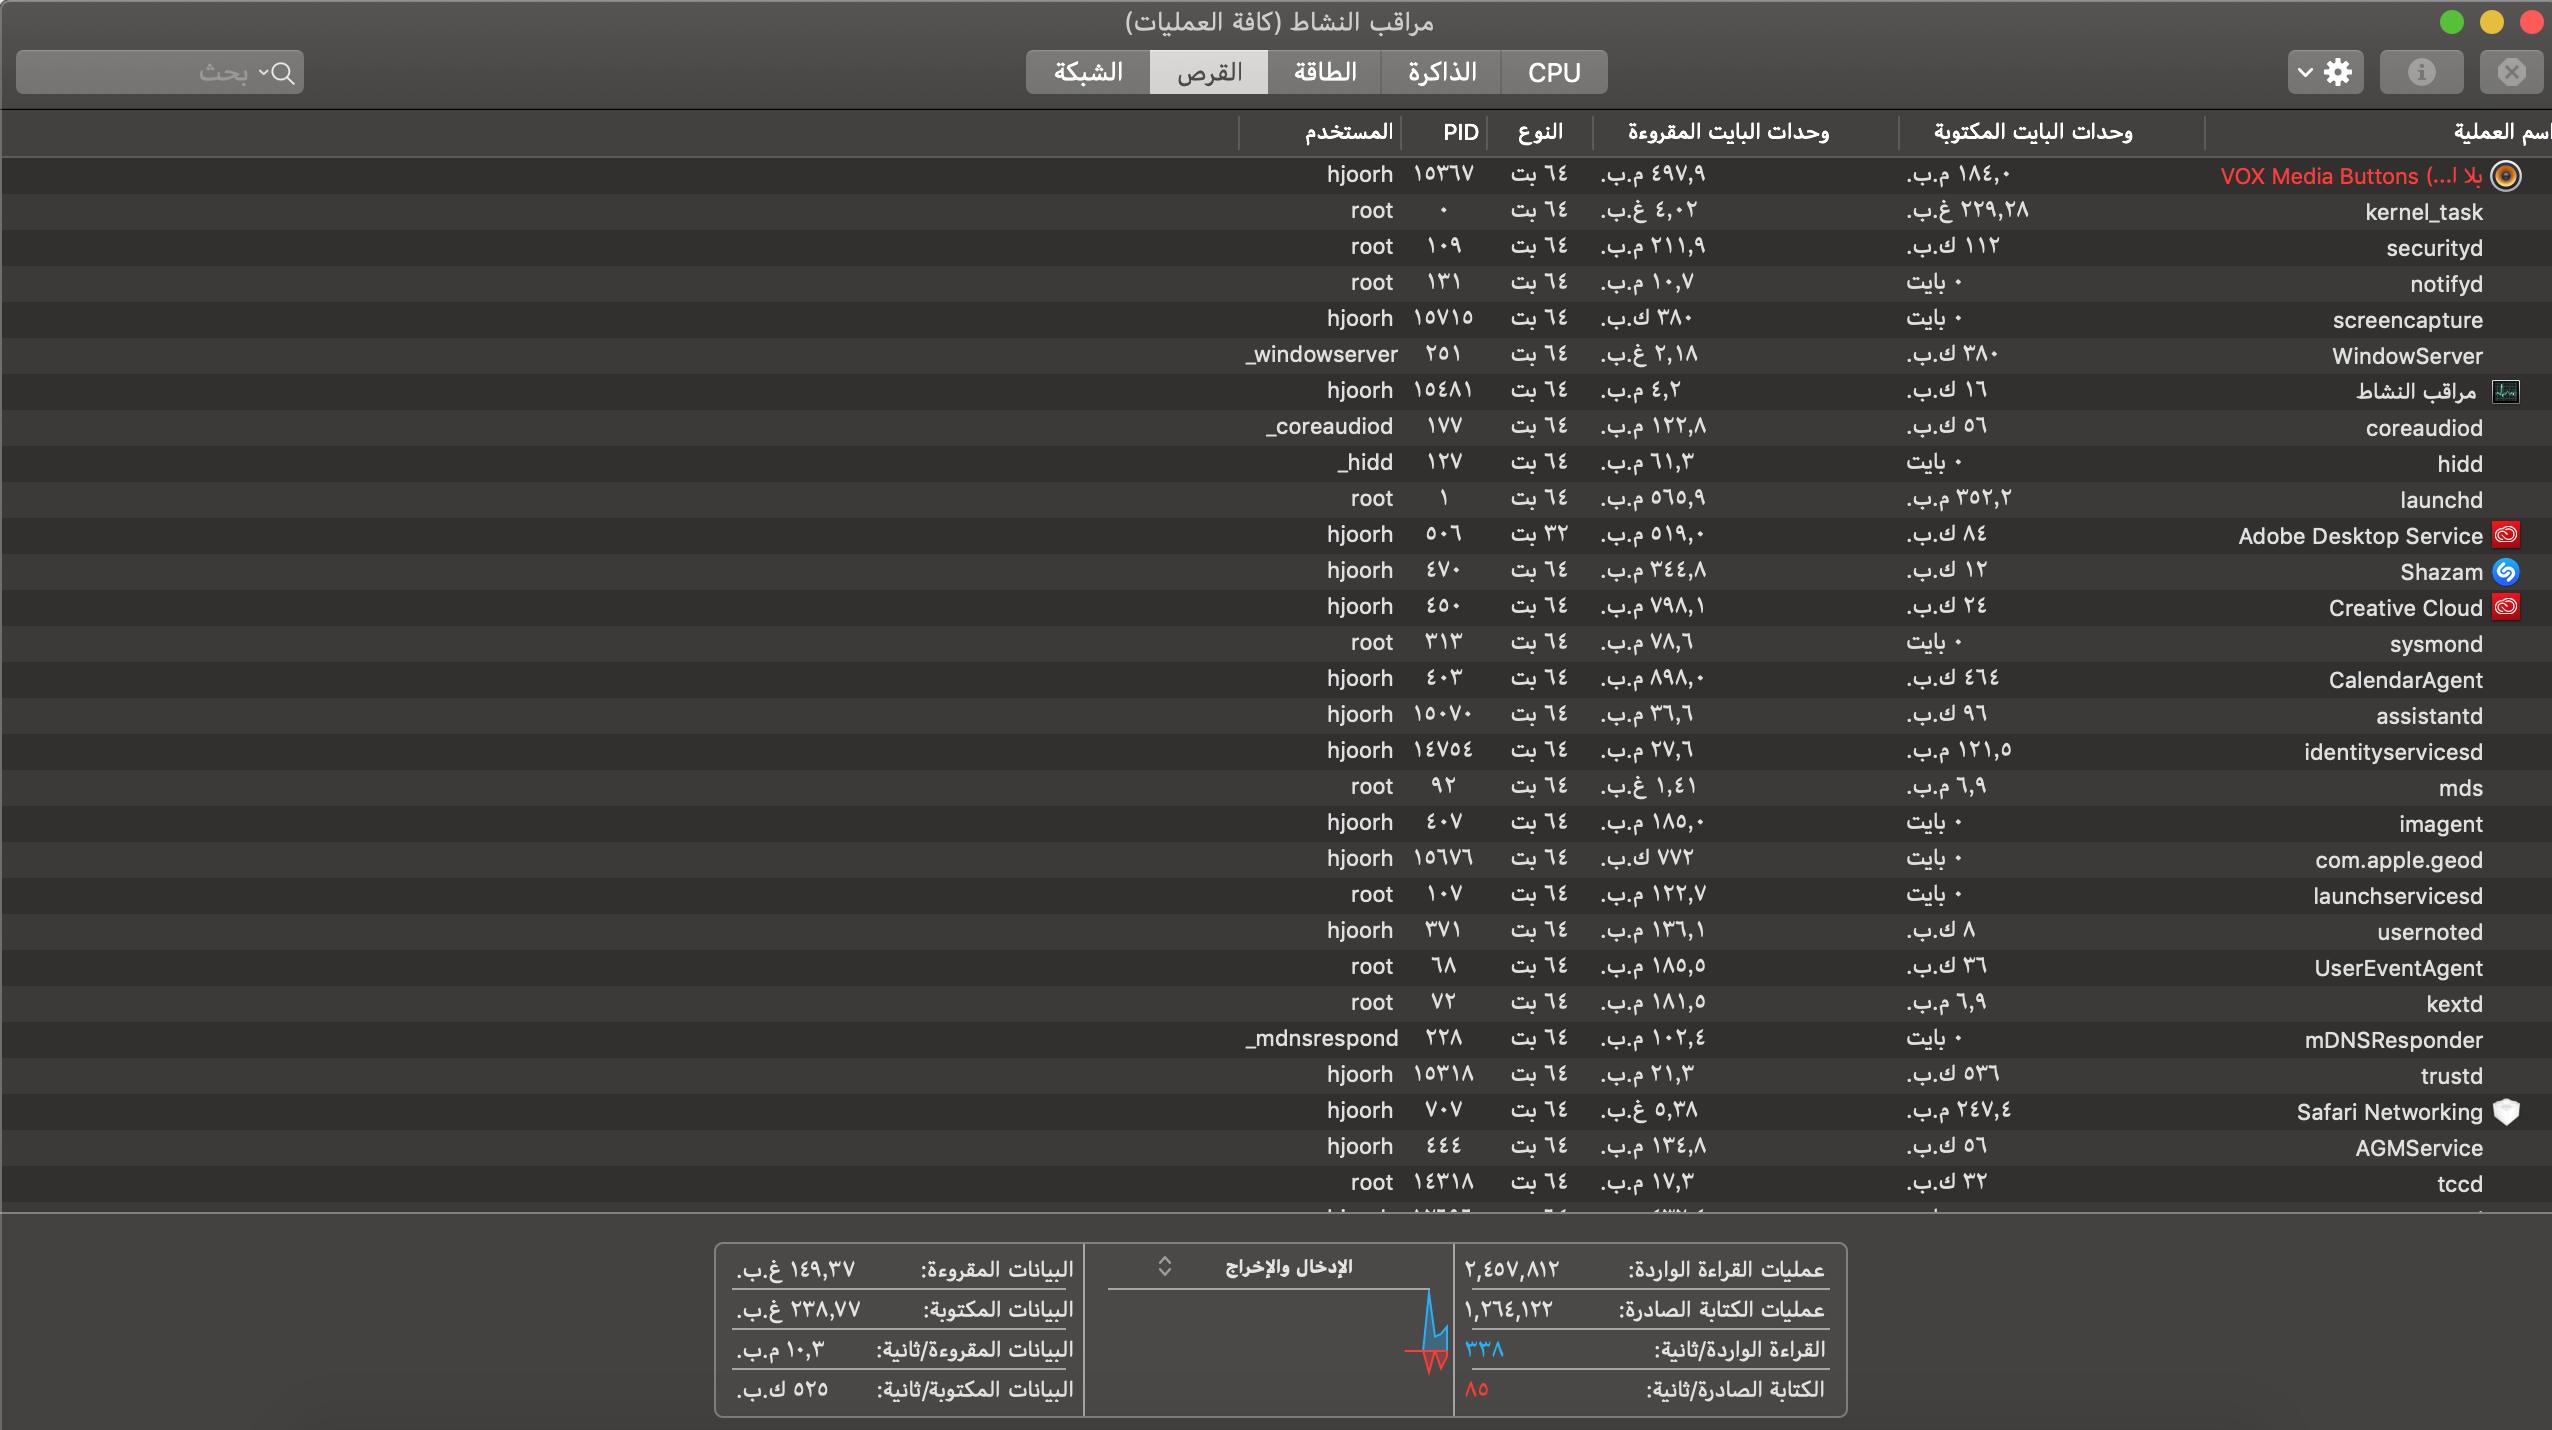 لقطة الشاشة ٢٠١٩-٠٨-٢٥ في ١.٢٠.١٩ص.png